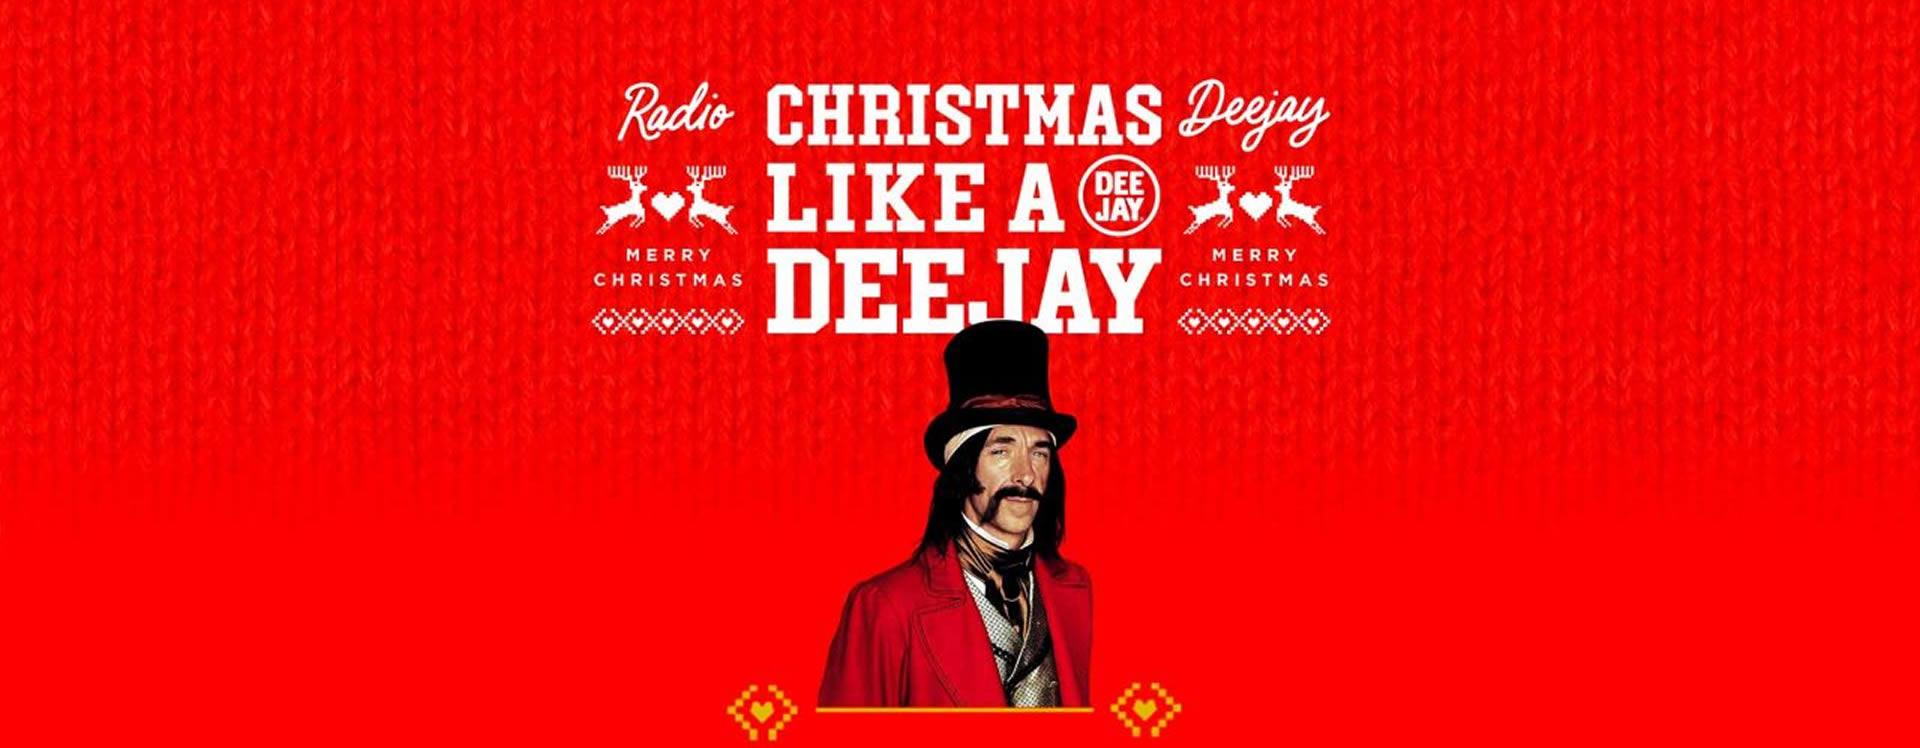 Concorso Natale Radio Deejay